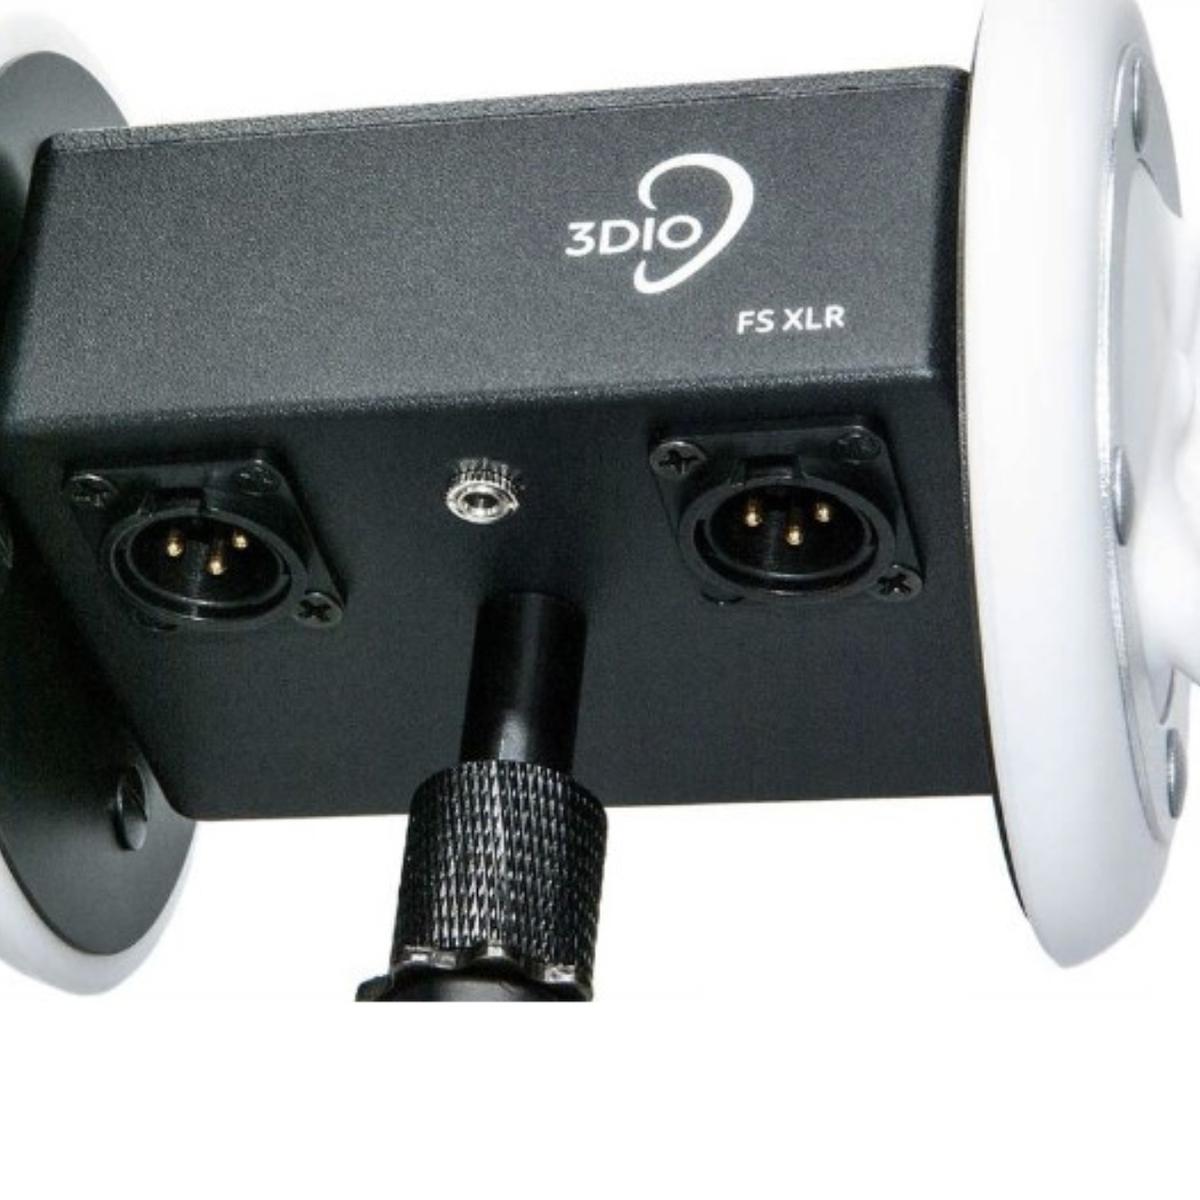 3DIO FS XLR Microphone XLR connections